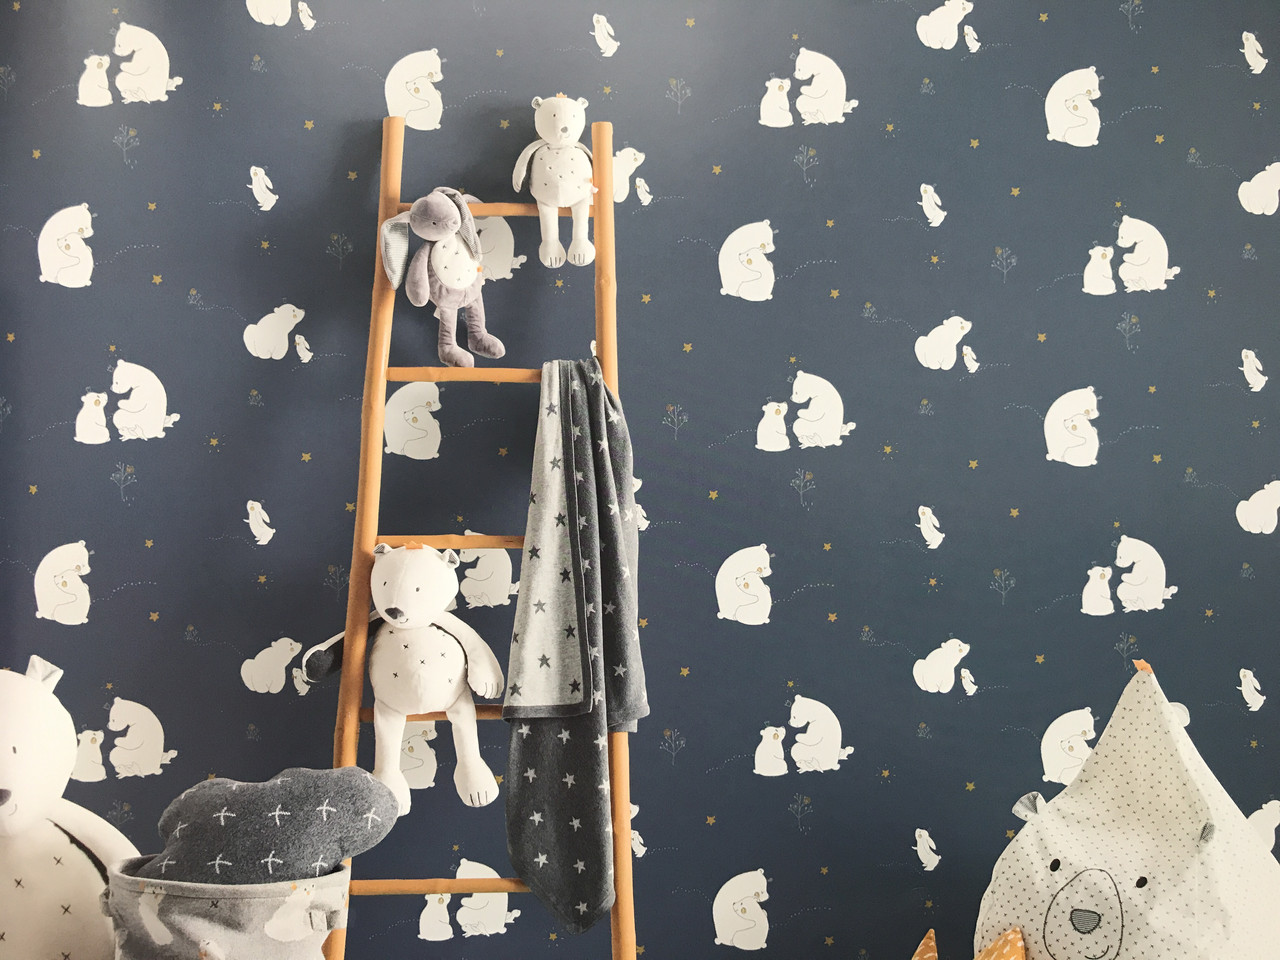 Обои флизелиновые Decoprint 21100 Sweet Dreams детские мишки 0,53x10,05 м